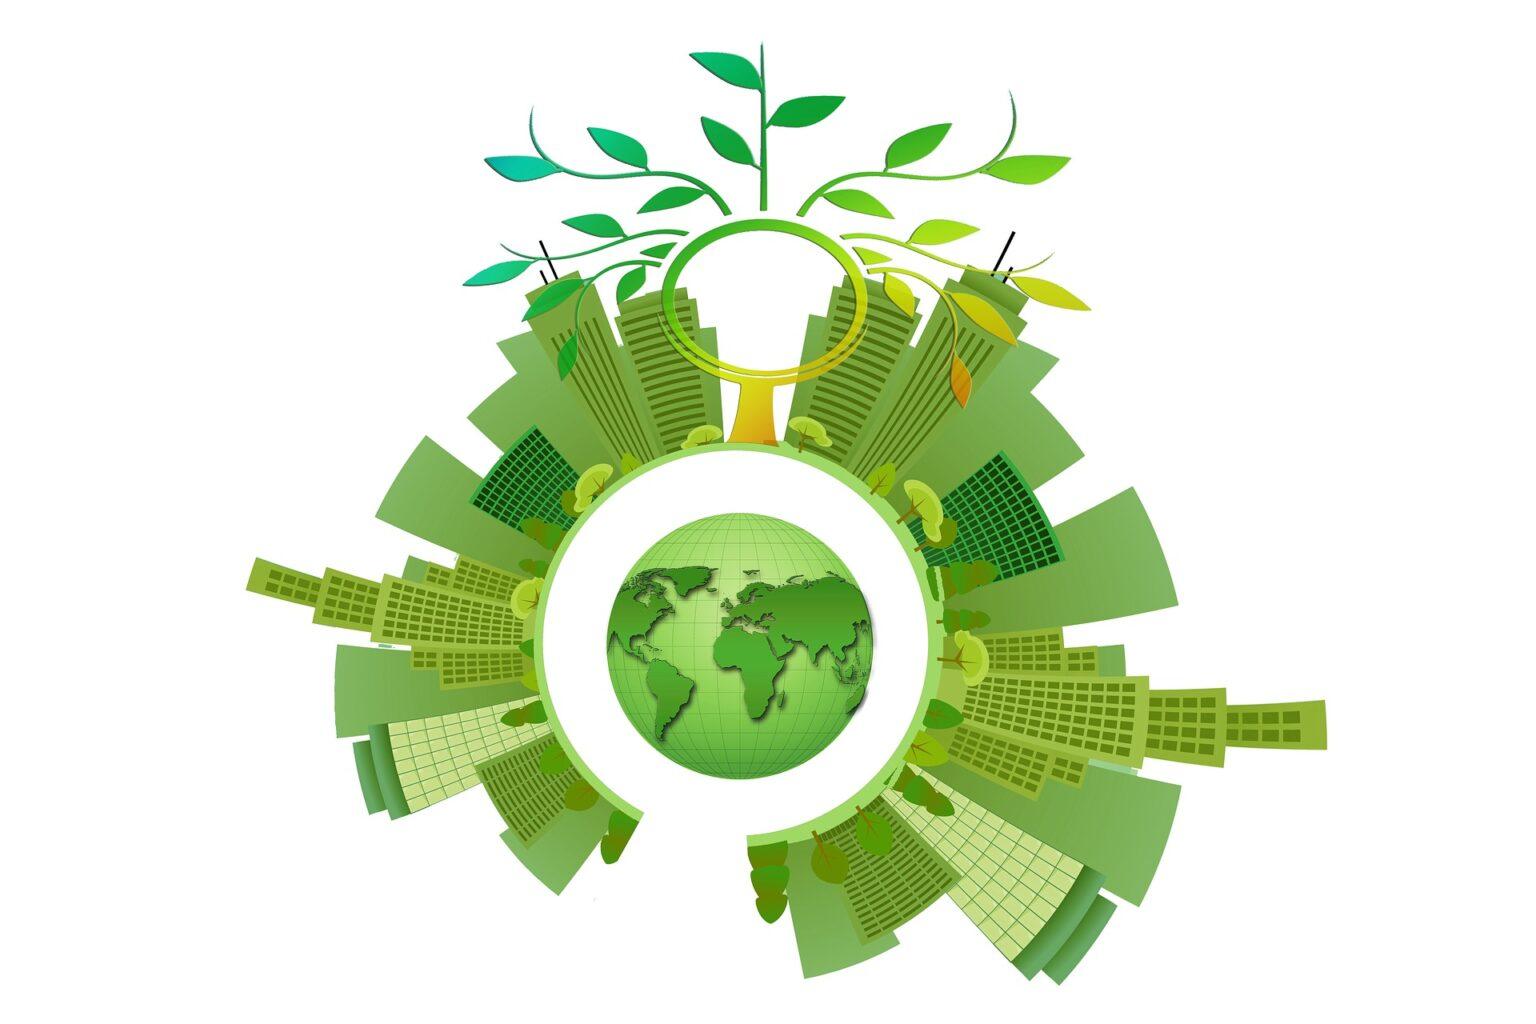 Immagine di un mondo ecosostenibile